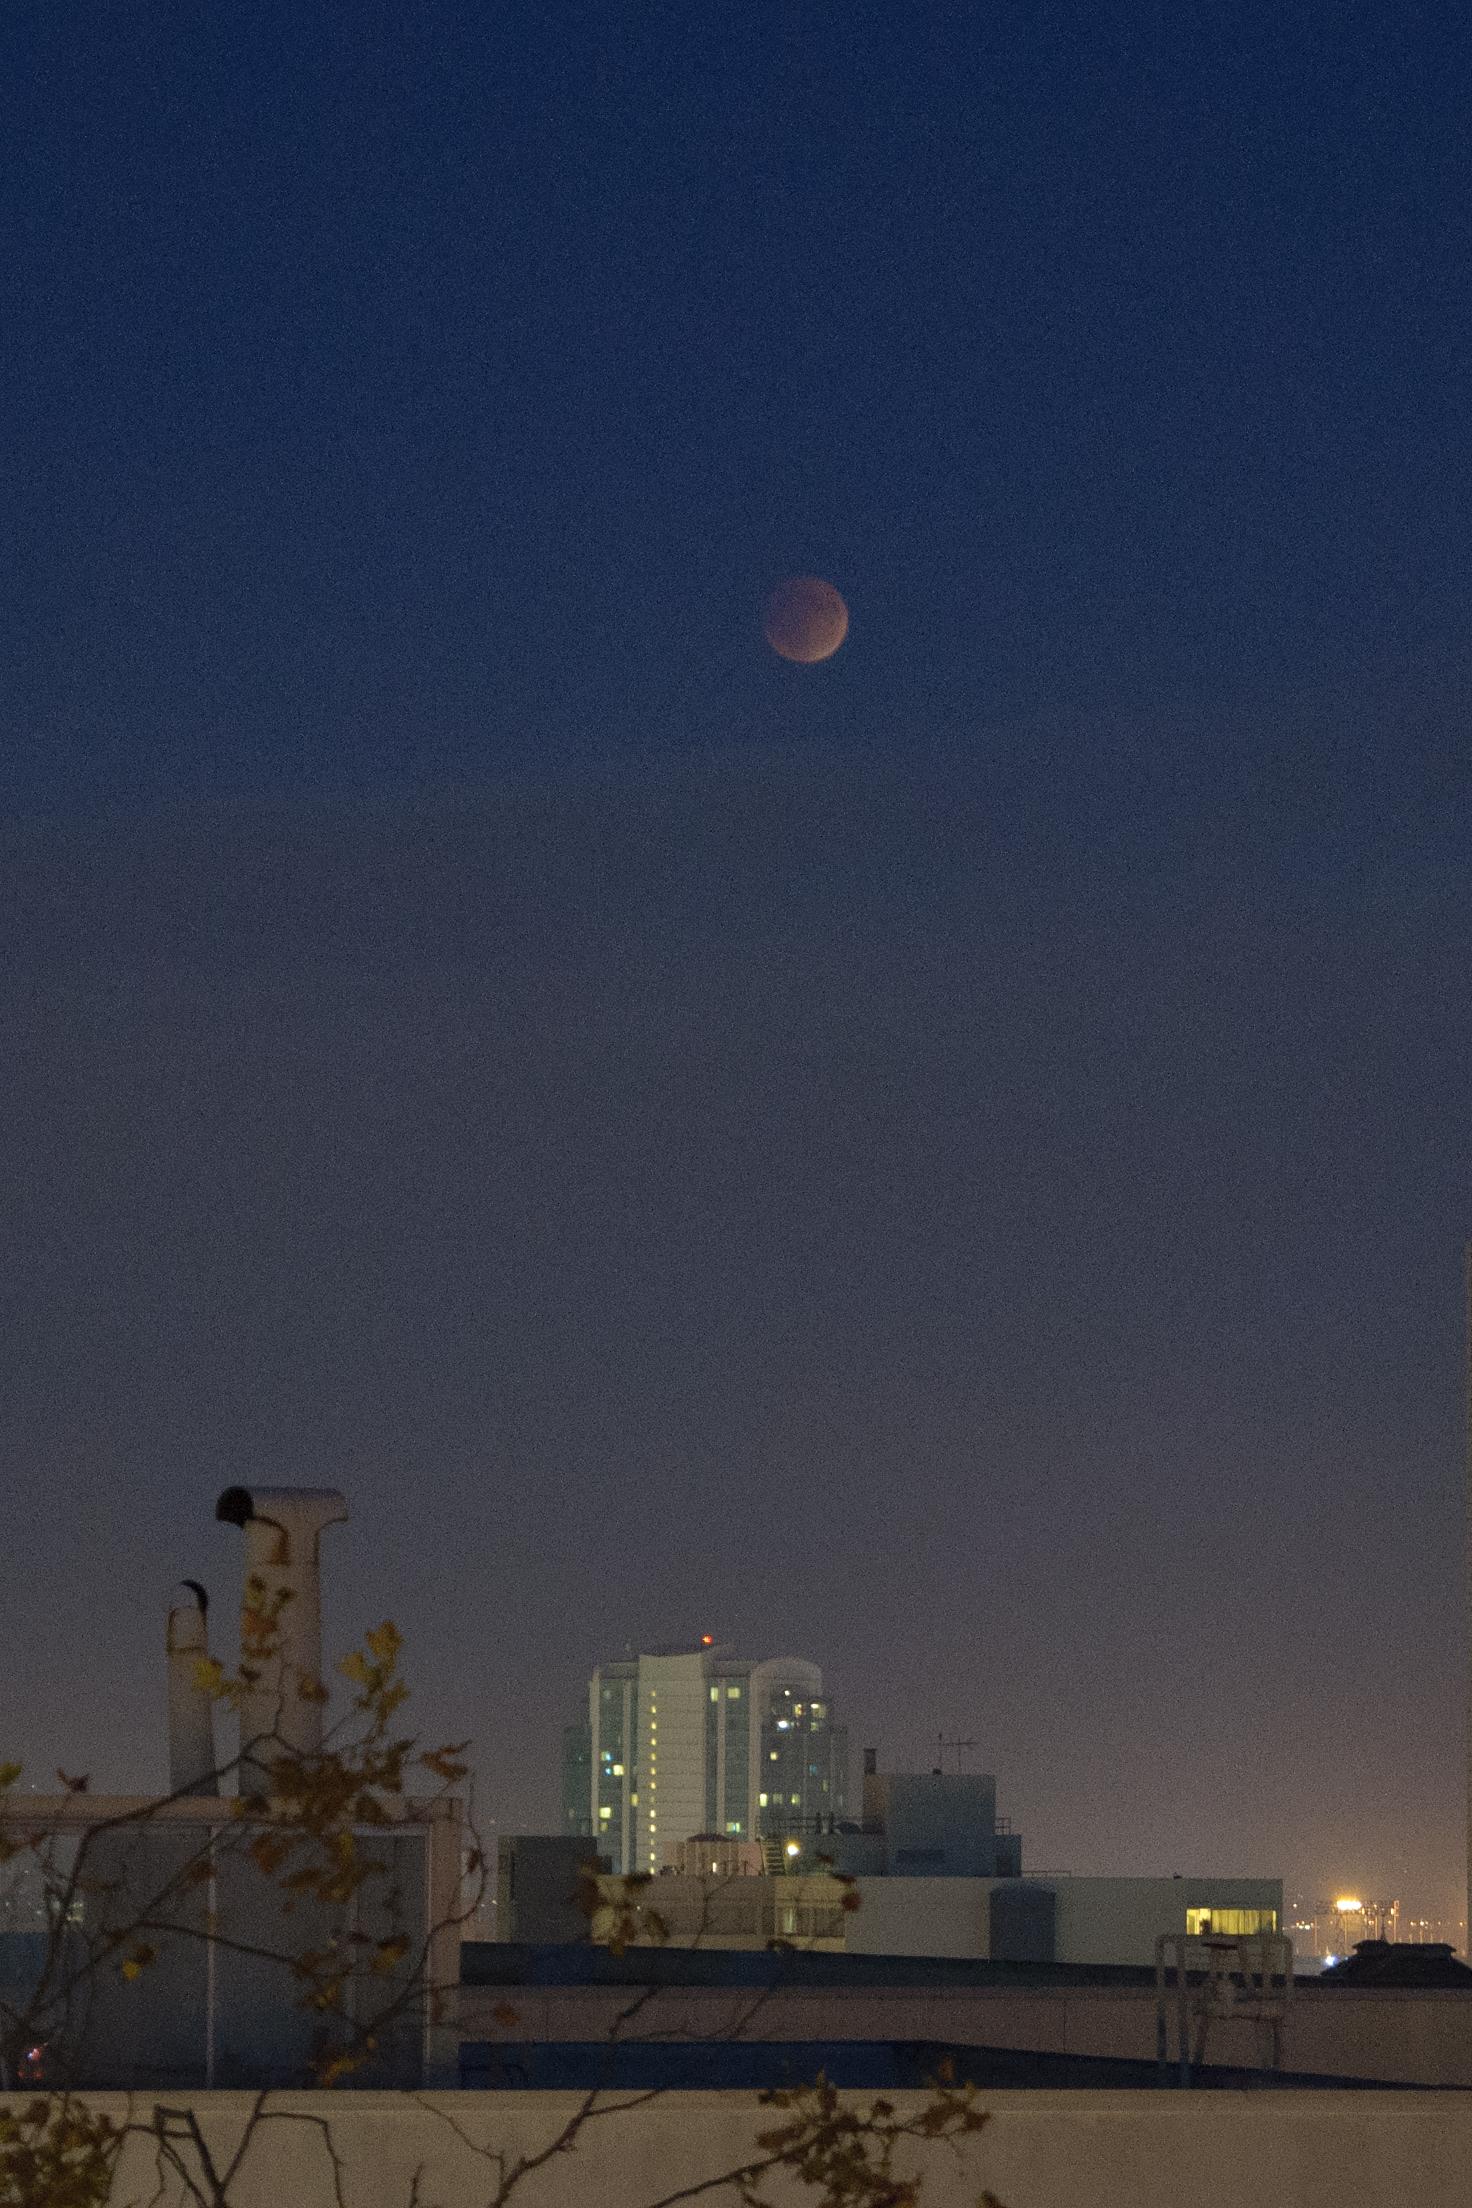 2015.09.27 lunar eclipse